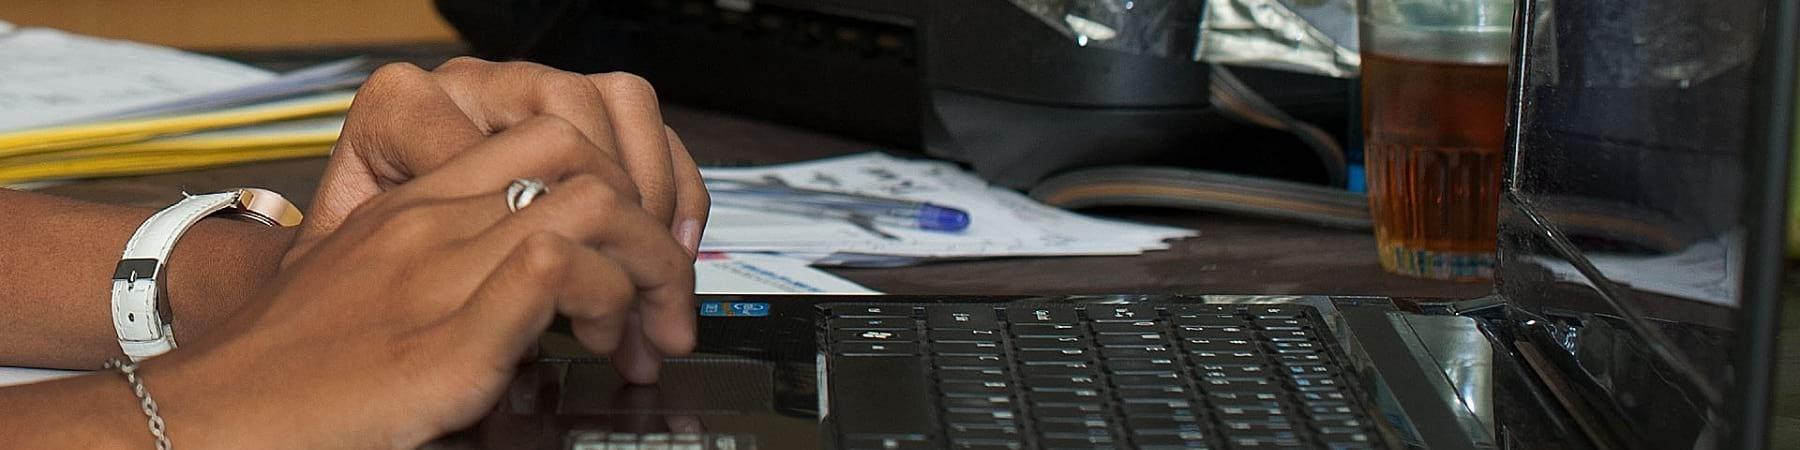 primo piano di mani di ragazza sulla tastiera di un lap top